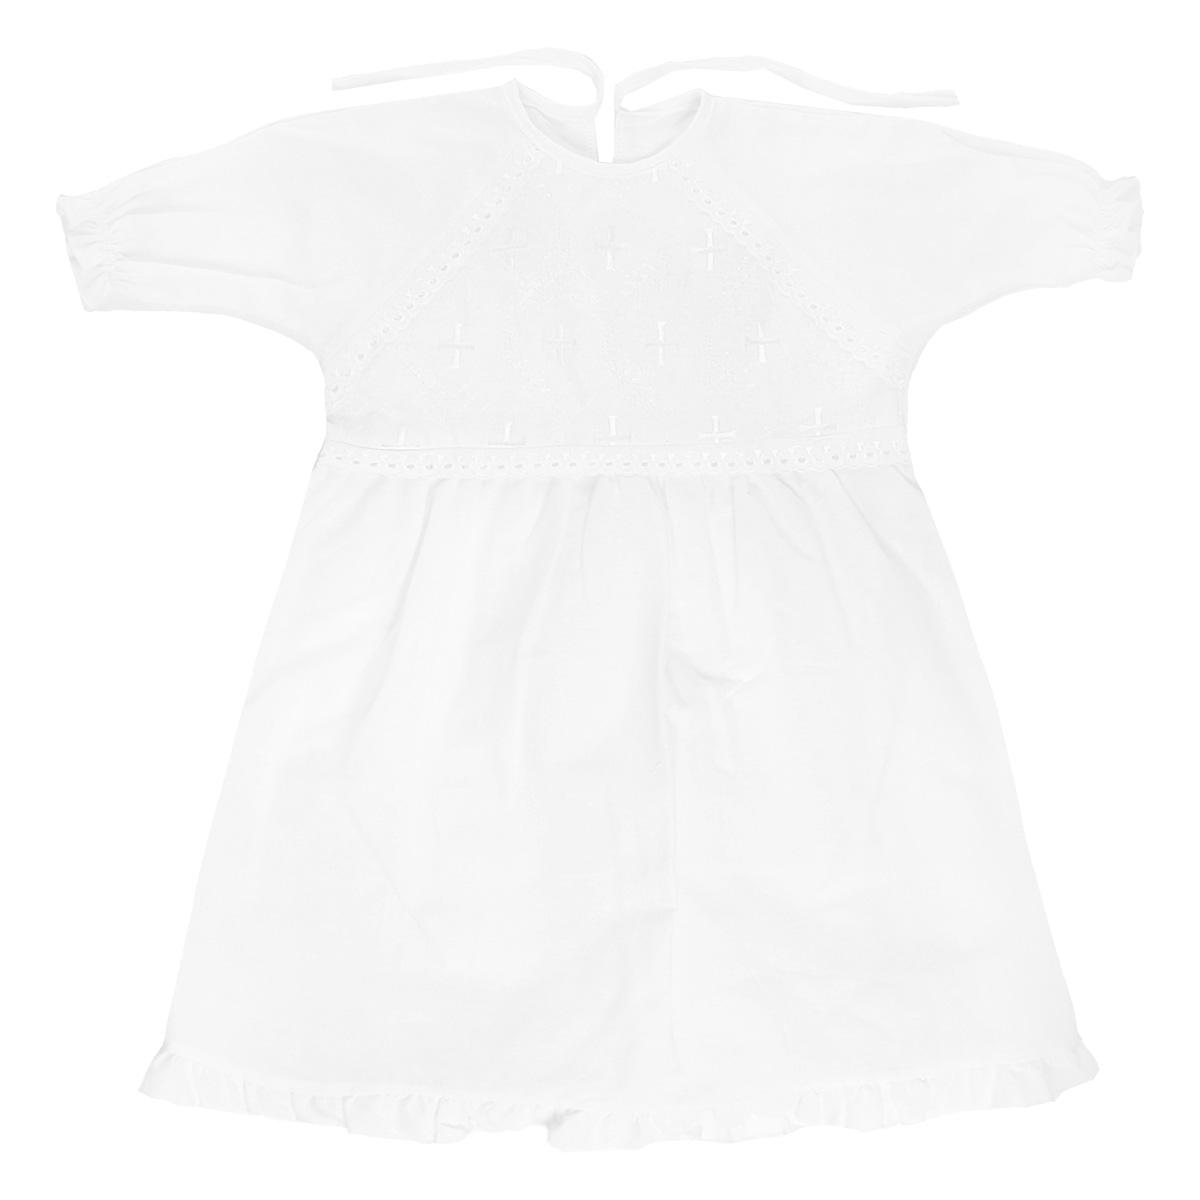 1149Крестильная рубашка для девочки Трон-плюс, выполненная из натурального хлопка, идеально подойдет для крещения вашей малышки. Рубашка необычайно мягкая и приятная на ощупь, не сковывает движения и позволяет коже дышать, не раздражает нежную кожу ребенка, обеспечивая ему наибольший комфорт. Рубашка трапециевидной формы с рукавами-реглан имеет две завязки на спинке, которые помогают с легкостью переодеть младенца. На груди рубашечка украшена ажурными рюшами и вышивками. Низ рукавов дополнен эластичной резинкой, не сдавливающей запястья малышки, а низ изделия украшен очаровательной оборкой, придающей рубашечке пышность. От линии талии заложены складочки, придающие рубашке пышность. Благодаря такой рубашке ваша малышка не замерзнет, и будет выглядеть нарядно.